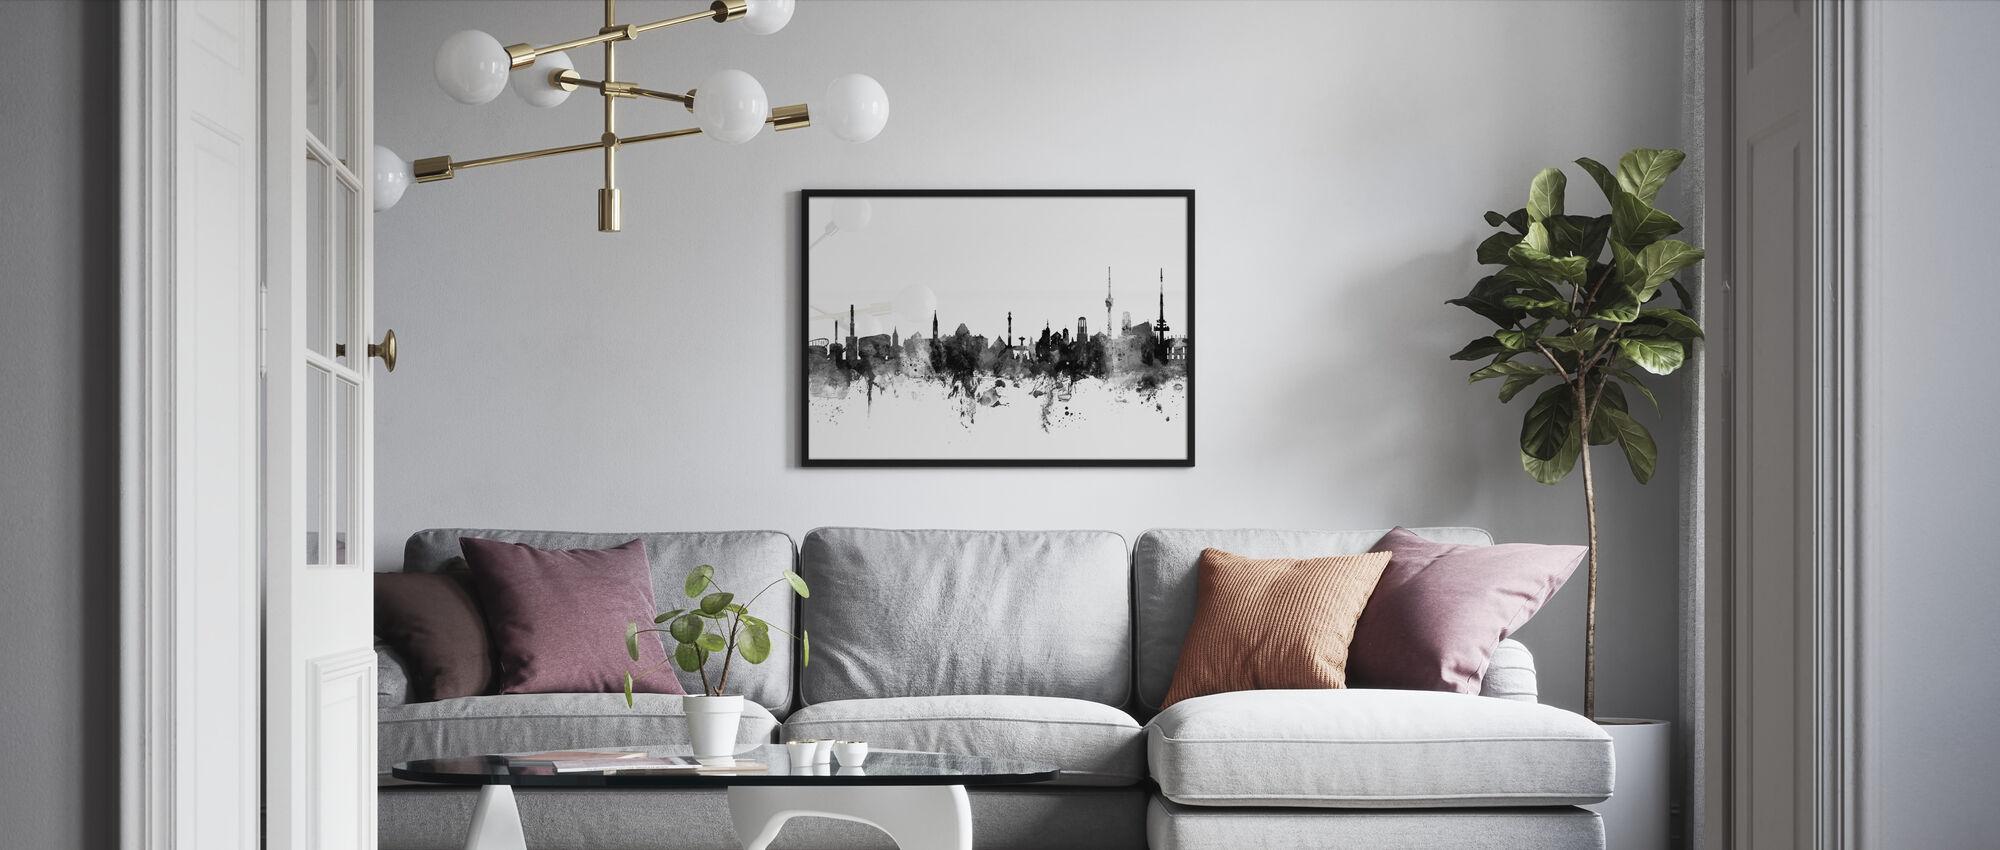 Stuttgart Skyline, schwarz/weiß - Gerahmtes bild - Wohnzimmer